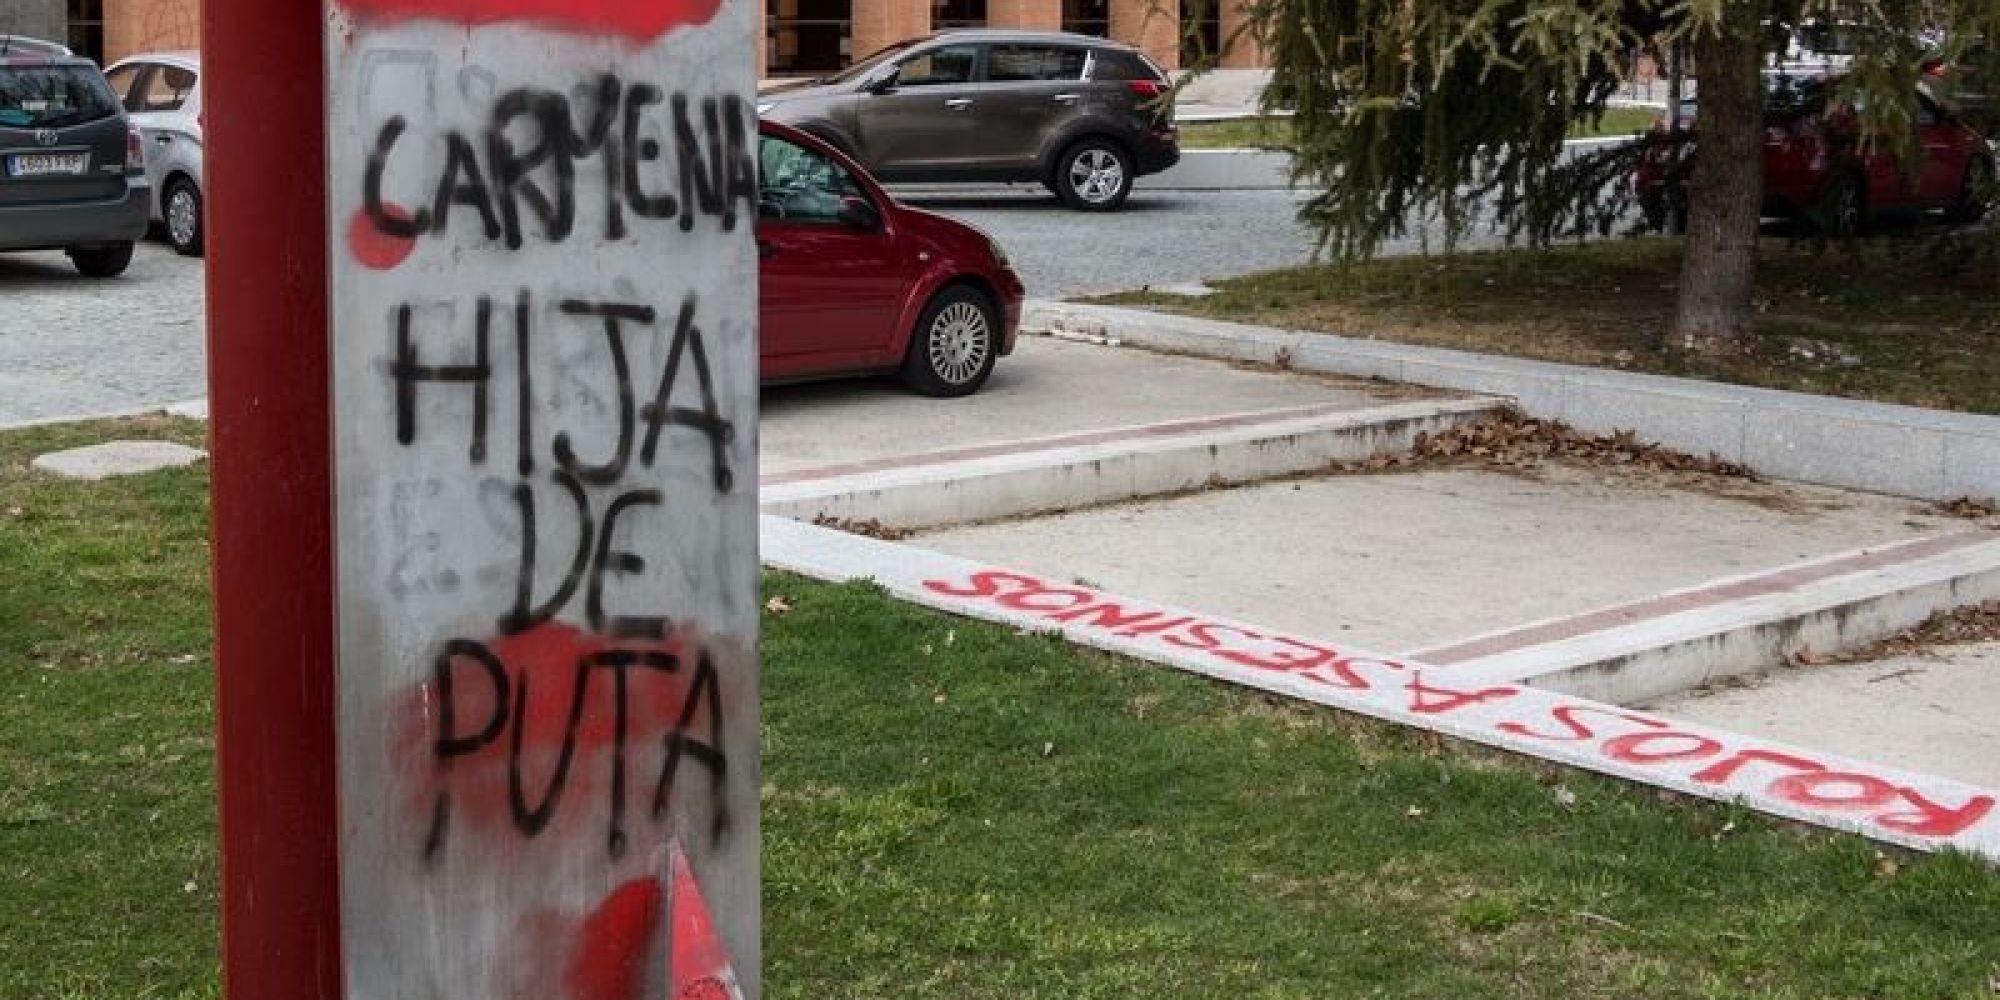 videos sexo con prostitutas prostitutas callejeras en valencia